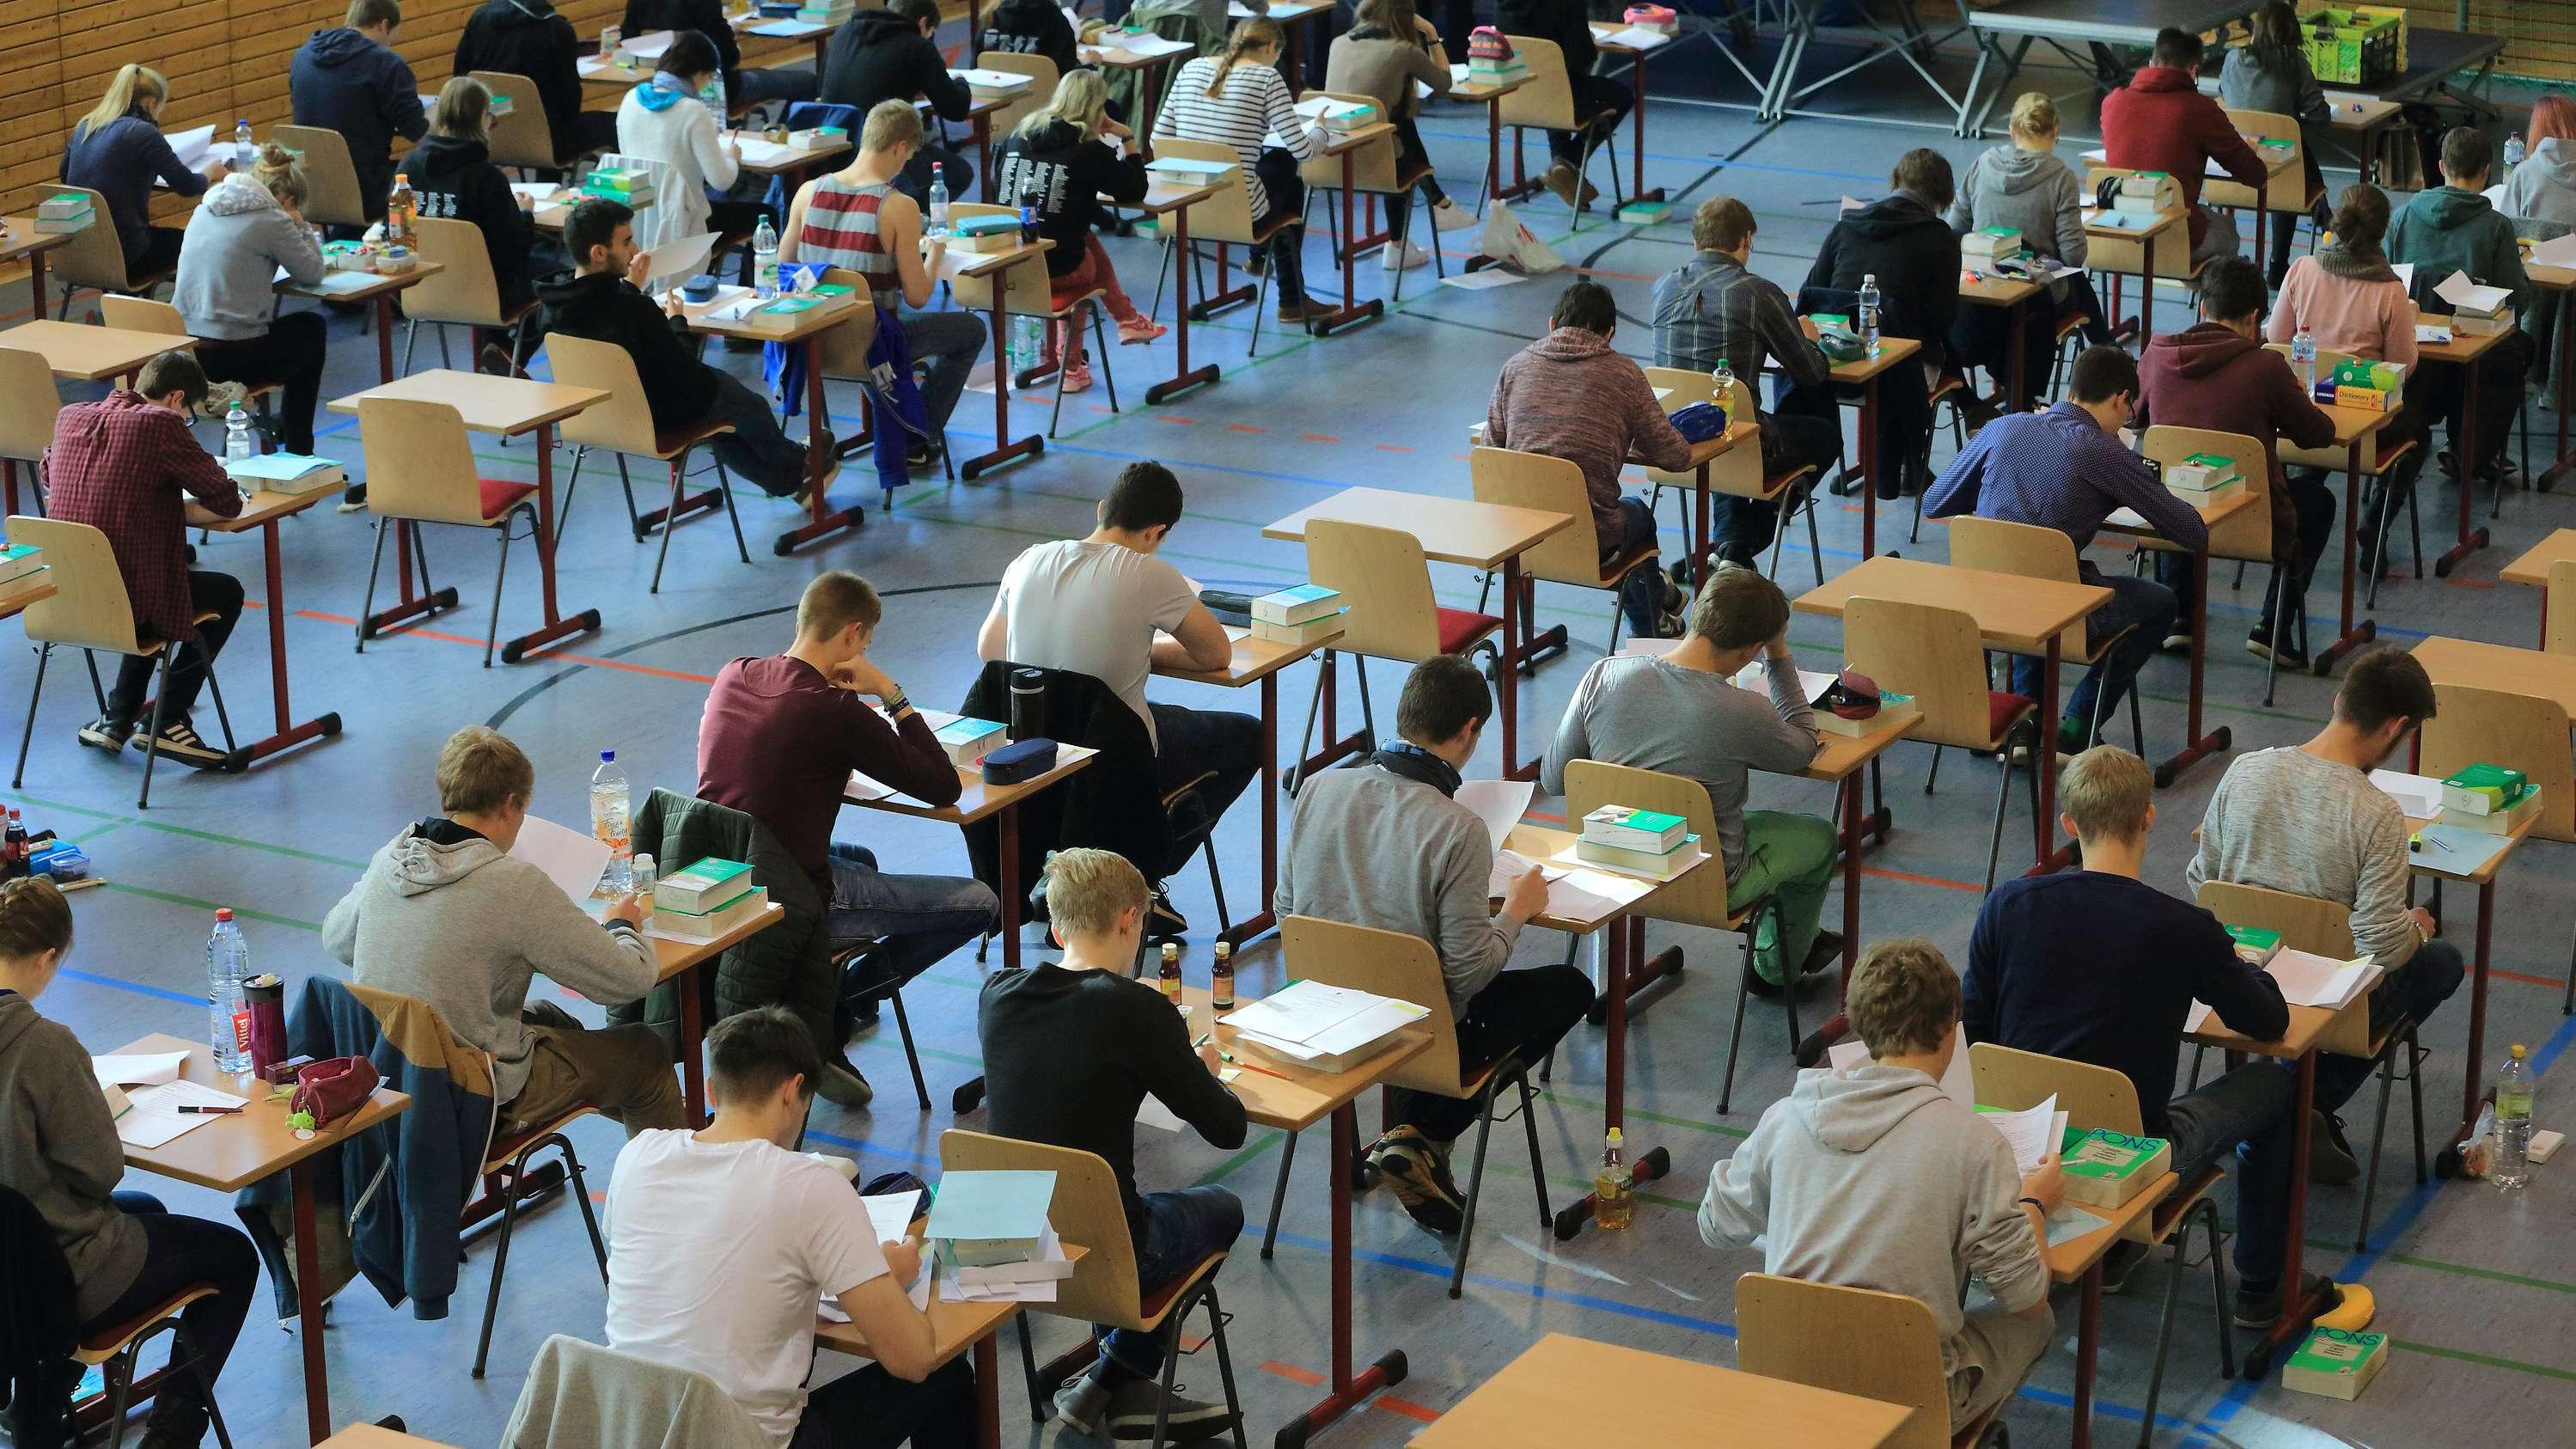 Abiturprüfung in einer Turnhalle.